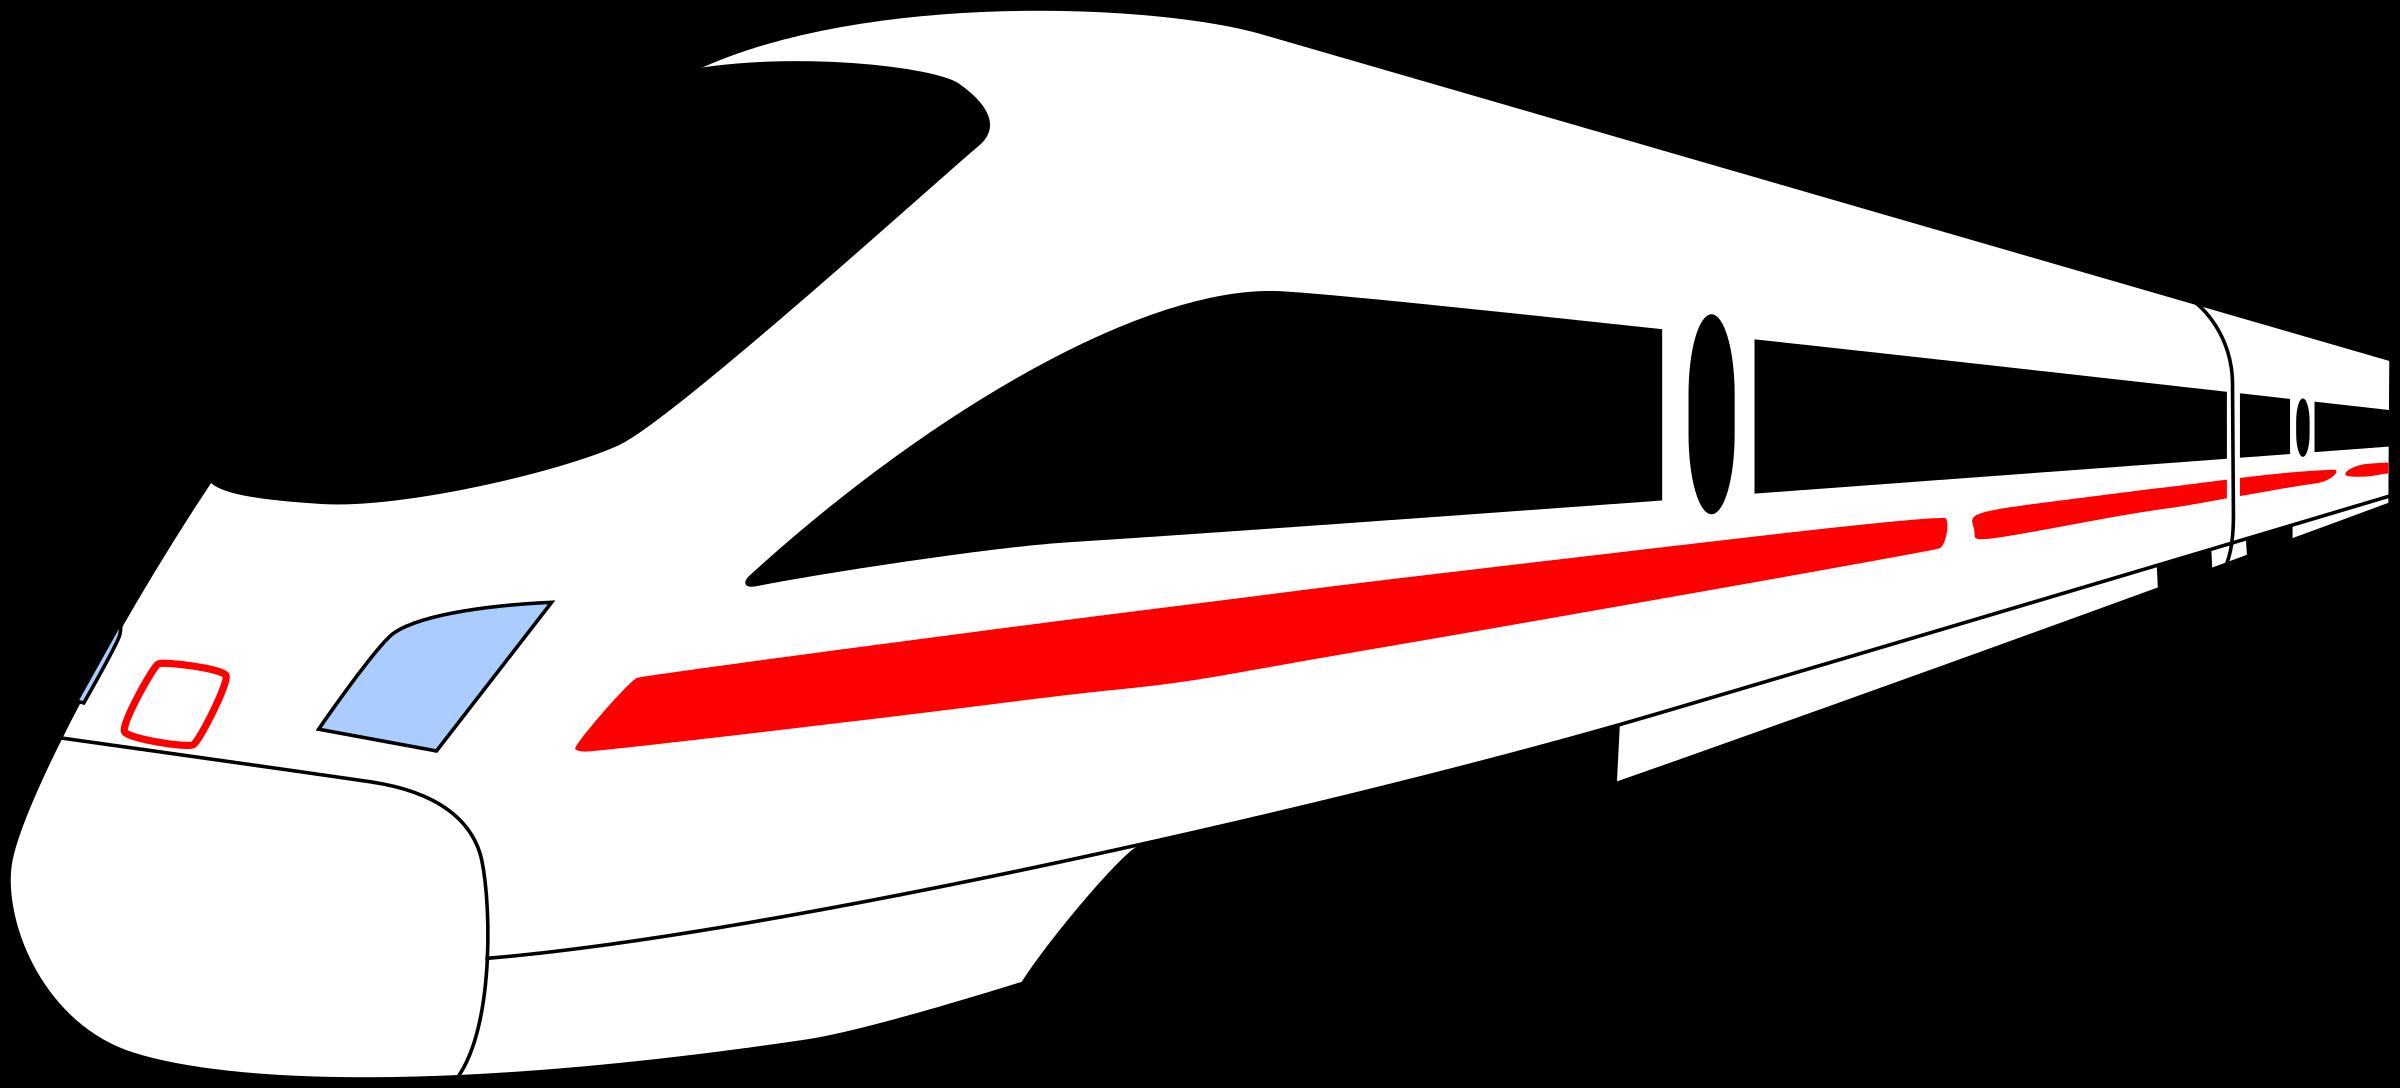 Train Clipart, Train Free Clipart.